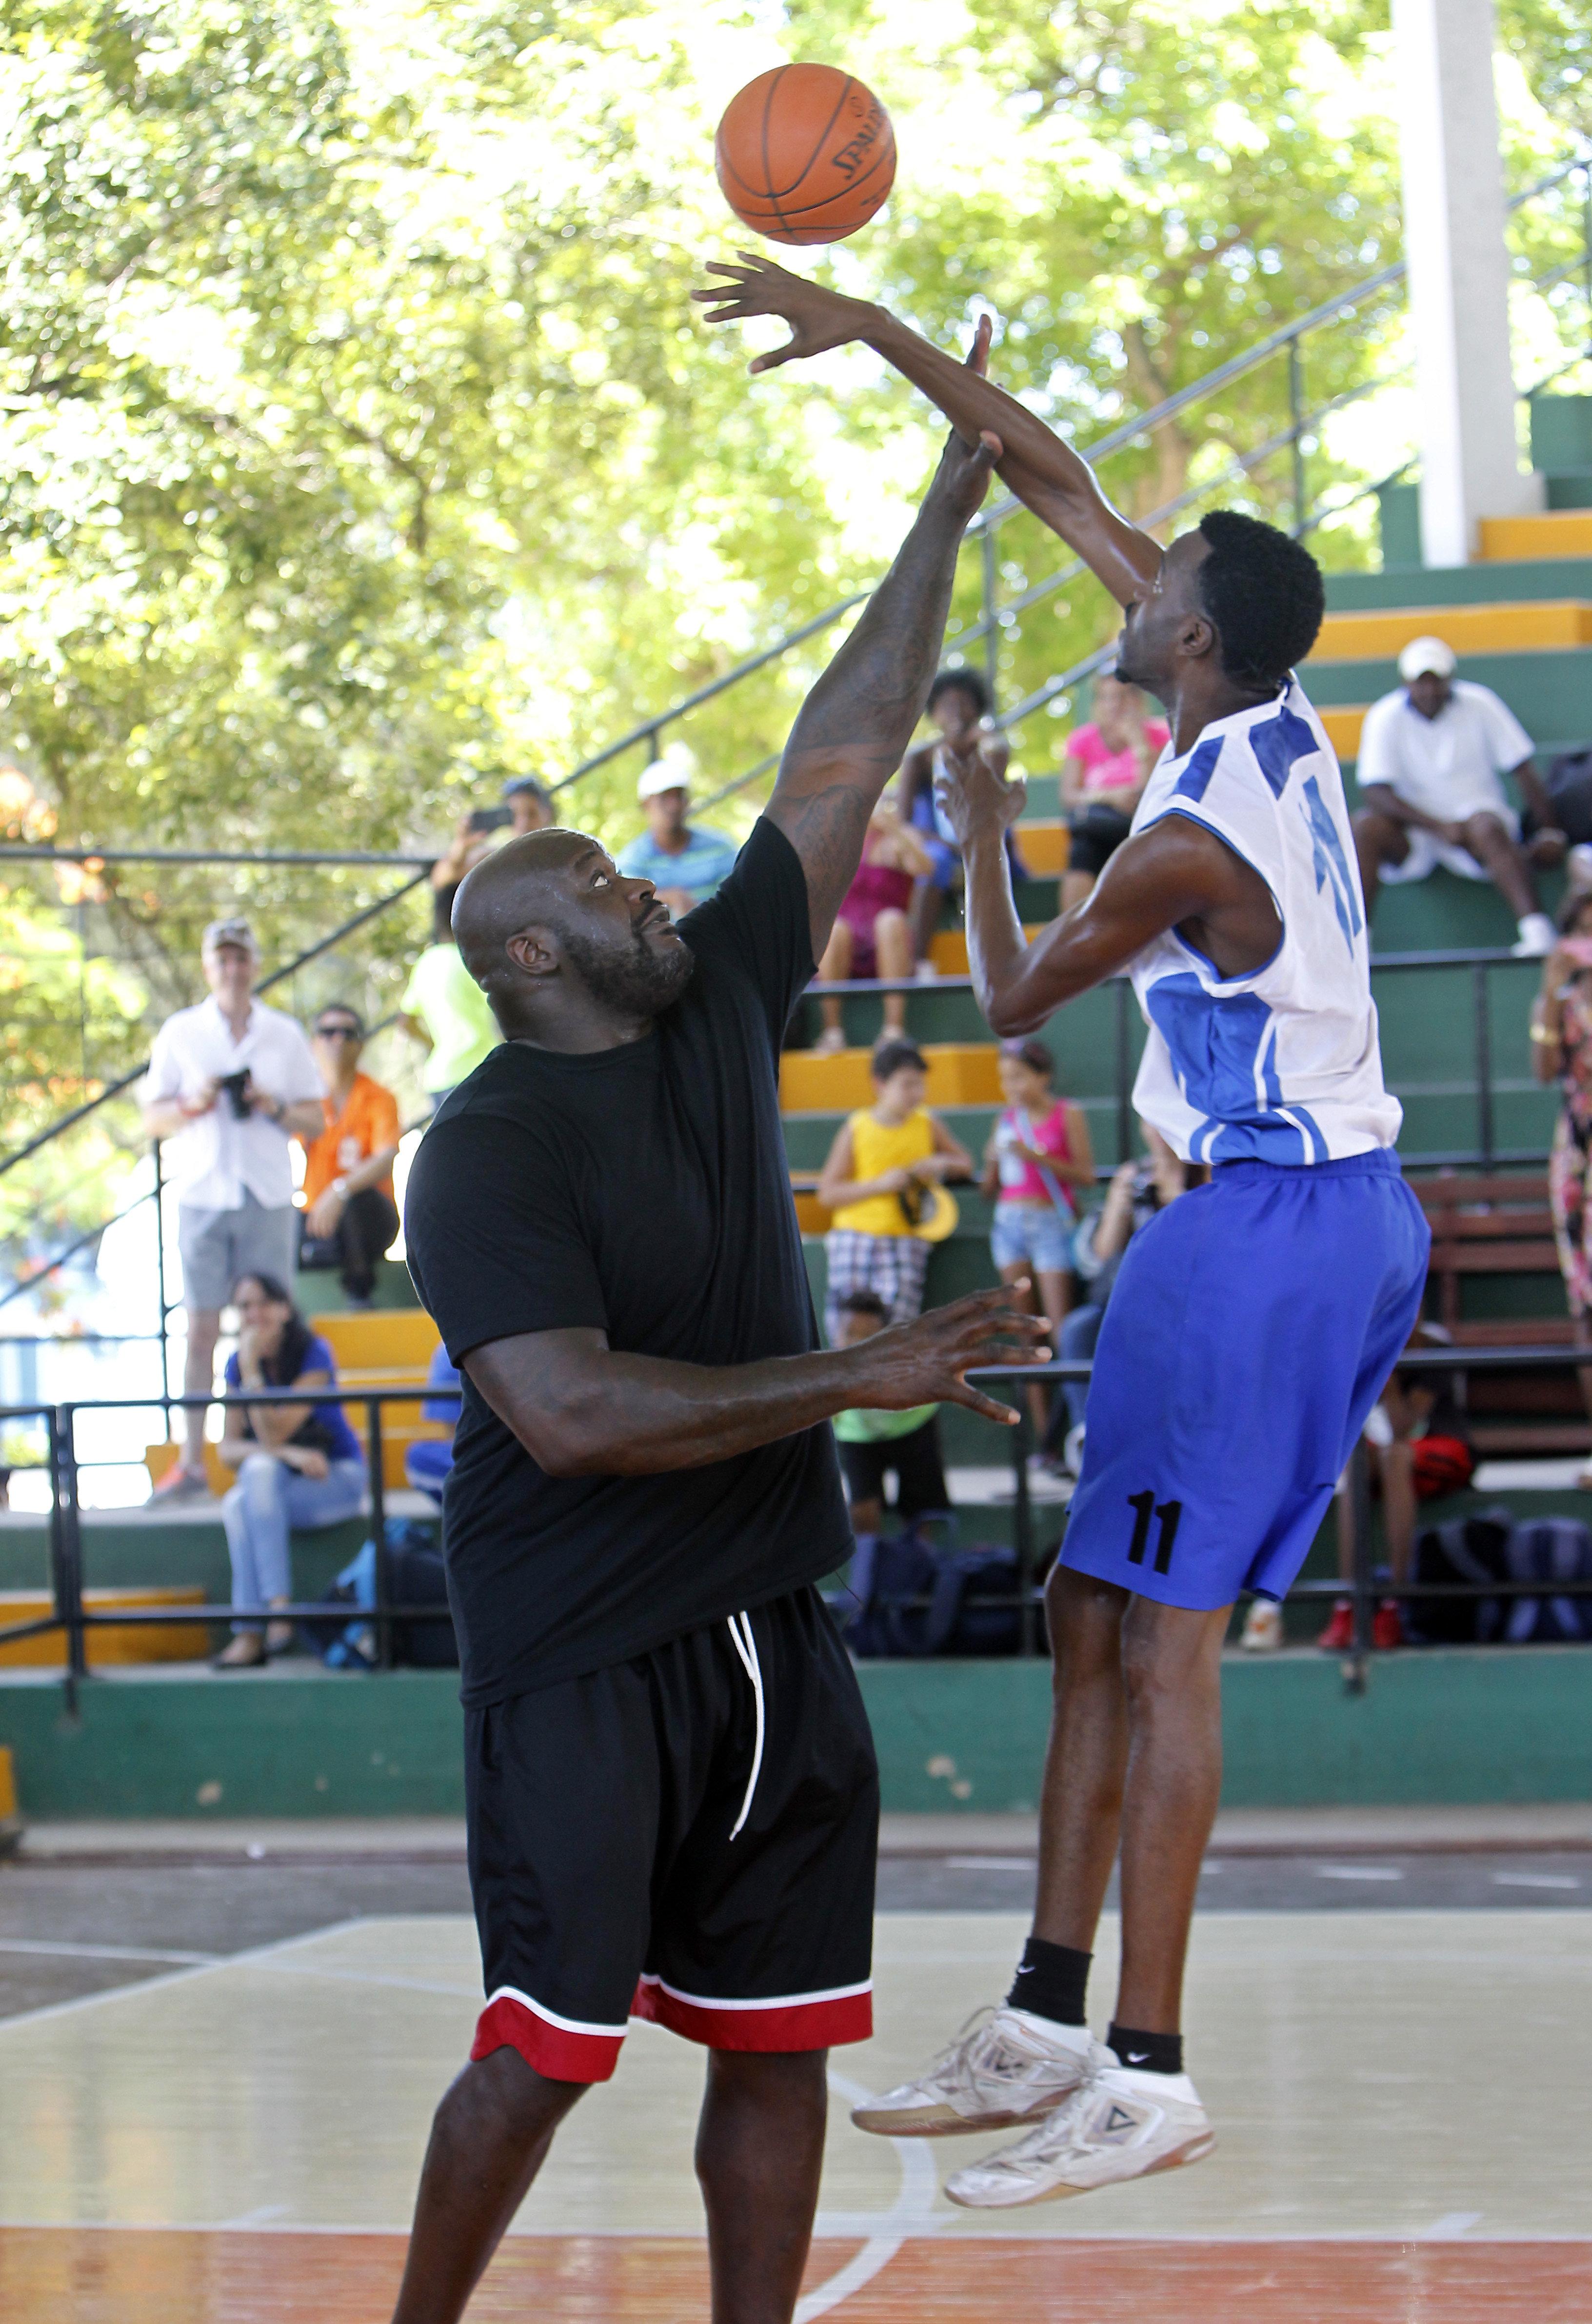 HAB102 LA HABANA (CUBA) 26/06/16.- La leyenda del baloncesto estadounidense Shaquille O'Neal (I) ofreció hoy, domingo 26 de junio de 2016, en una cancha de La Habana una clínica de su especialidad con un grupo de niños y jóvenes practicantes, como parte de un programa para promover la cooperación y el compromiso de EEUU con Cuba. O'Neal, quien jugó durante 19 temporadas en distintos equipos de la NBA, se encuentra en la isla como enviado del Departamento de Estado de EEUU, en el marco de la normalización de relaciones entre ambos países. EFE/Ernesto Mastrascusa